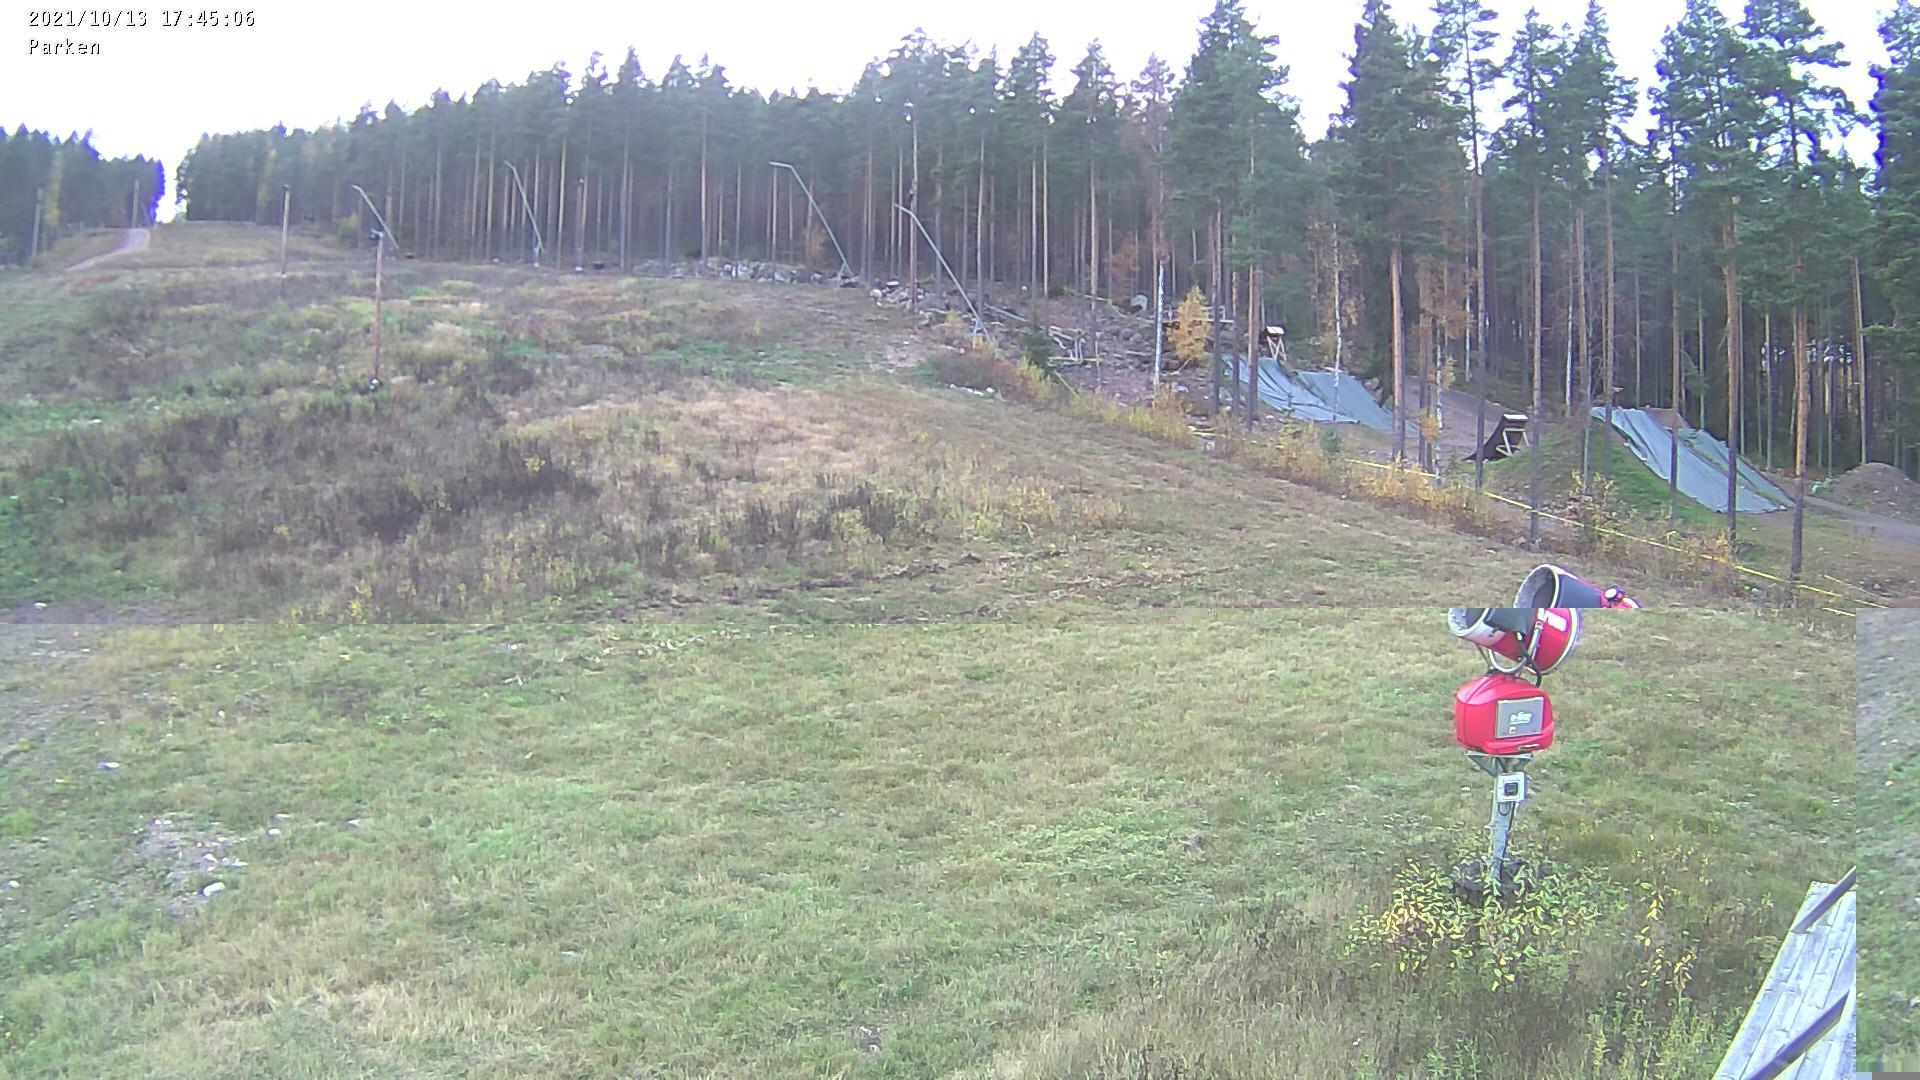 Webkamera Källviken: Källviksbacken − Parken